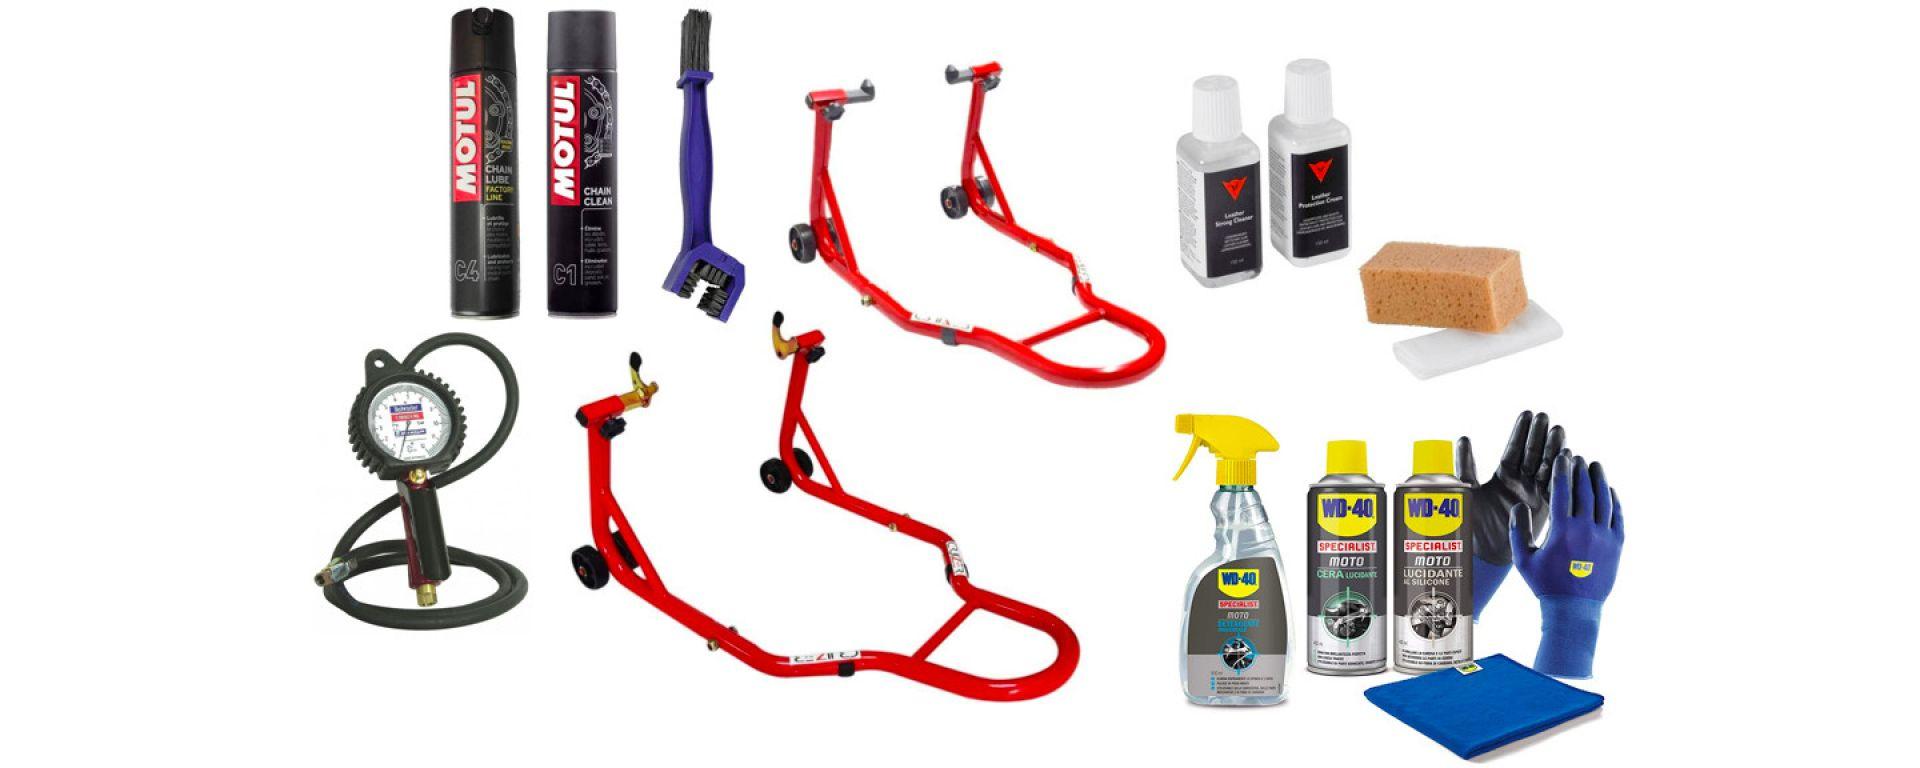 I migliori accessori e prodotti moto su Amazon per la pulizia, cura e manutenzione della moto e dell'abbigliamento tecnico